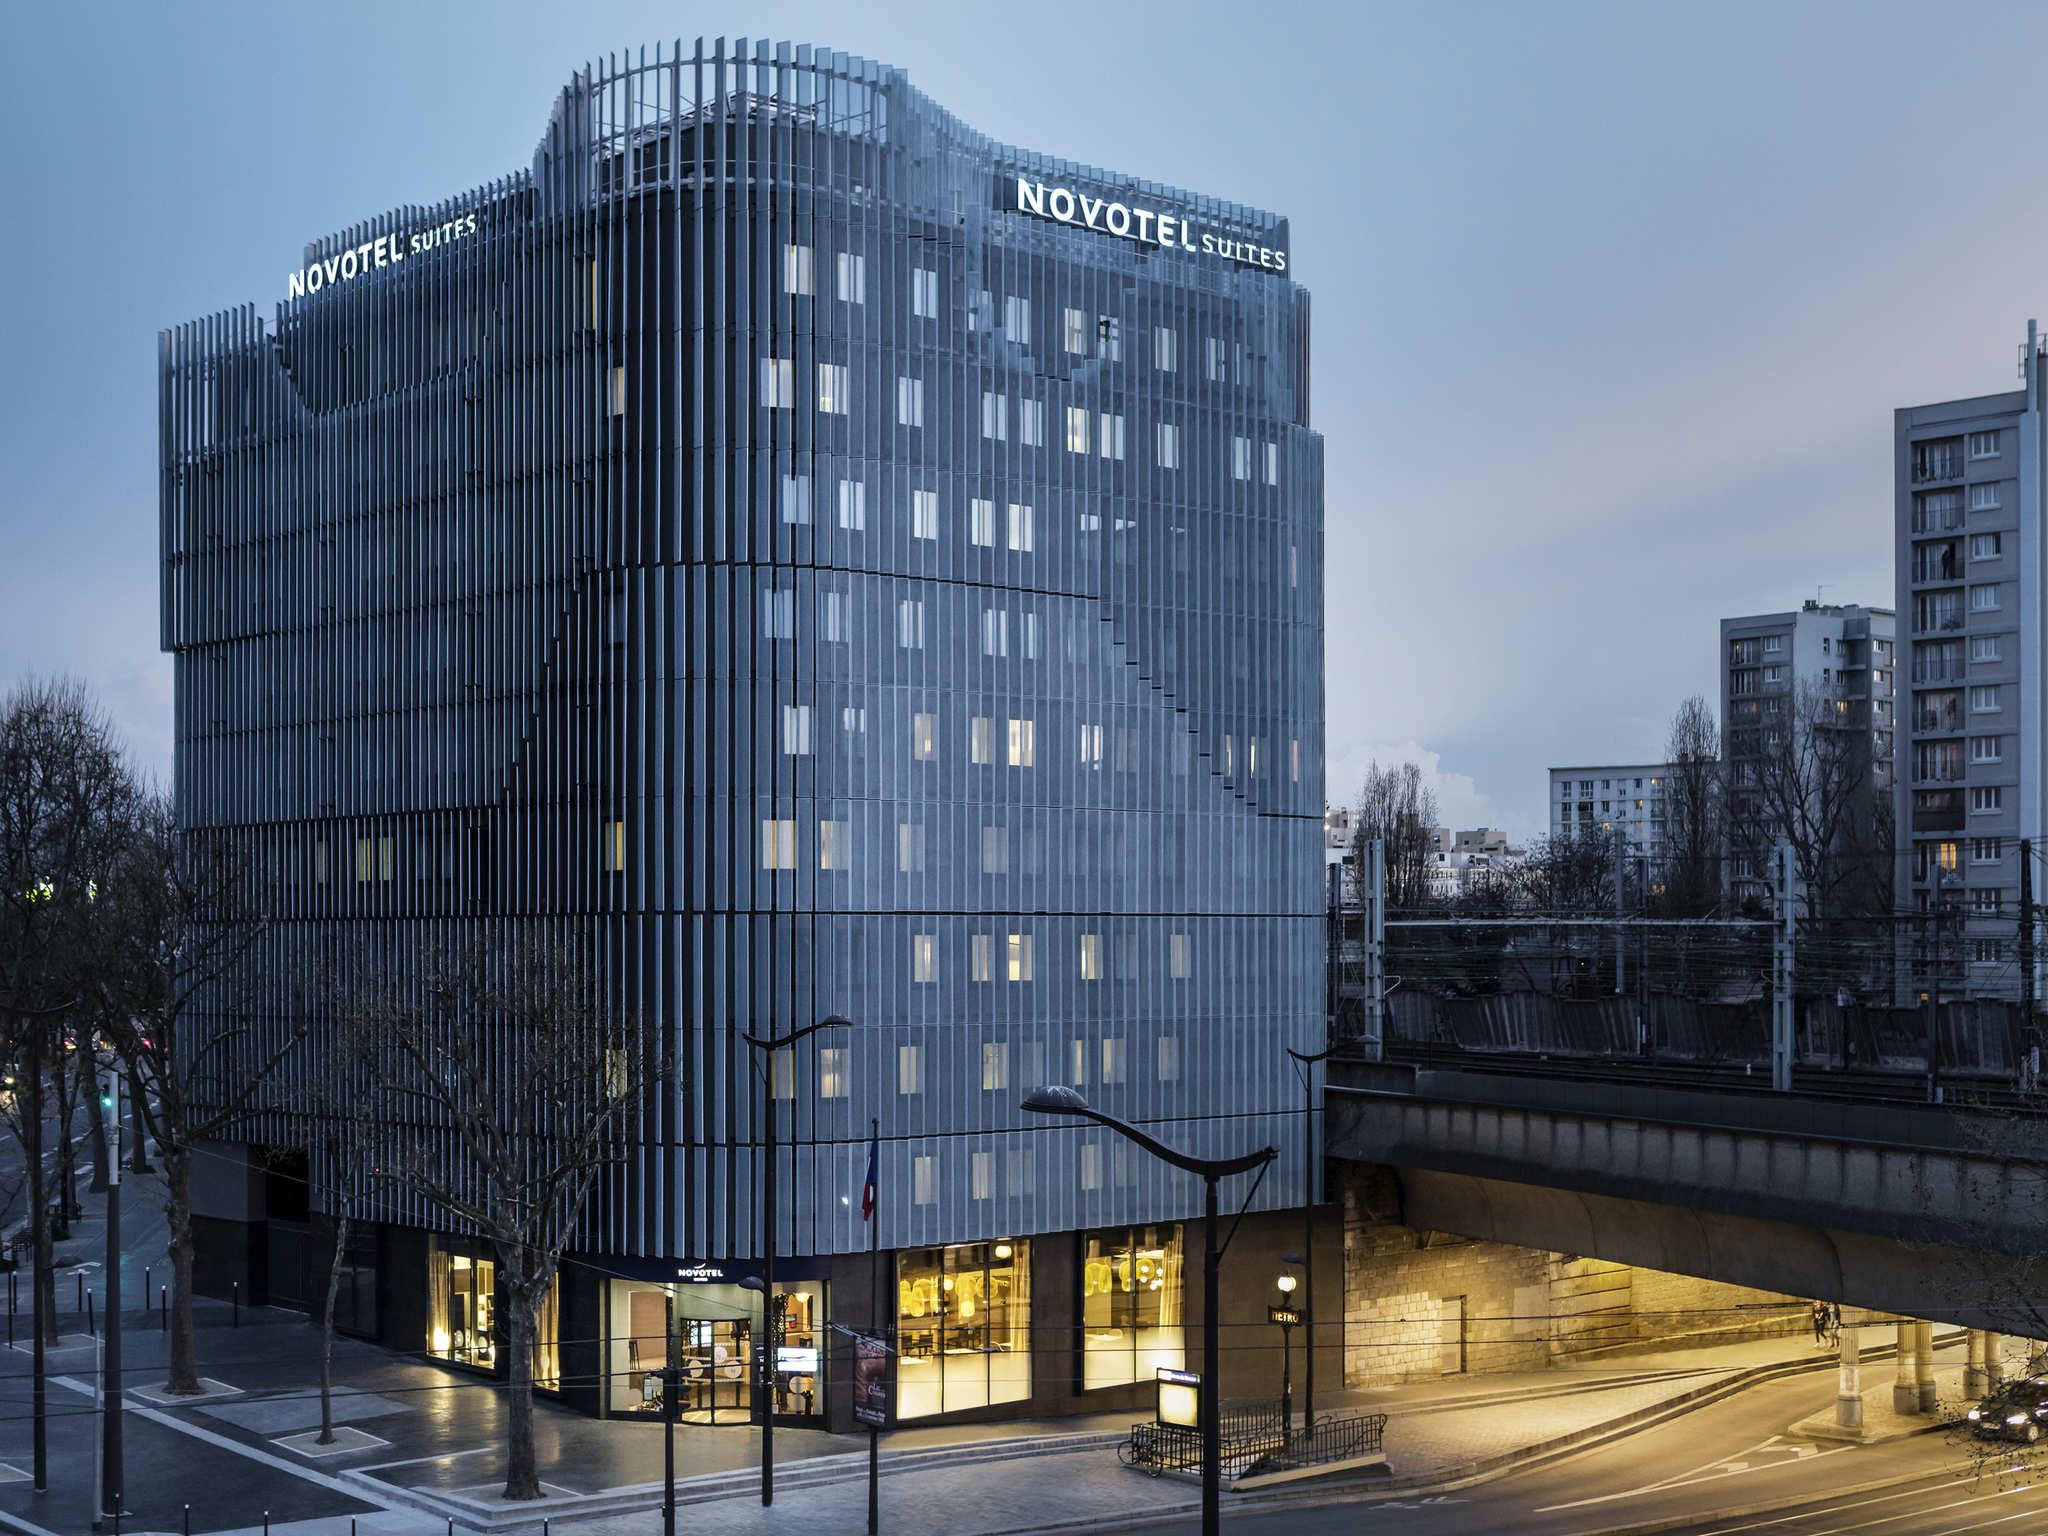 酒店 – 巴黎凡尔赛门展览中心诺富特全套房酒店